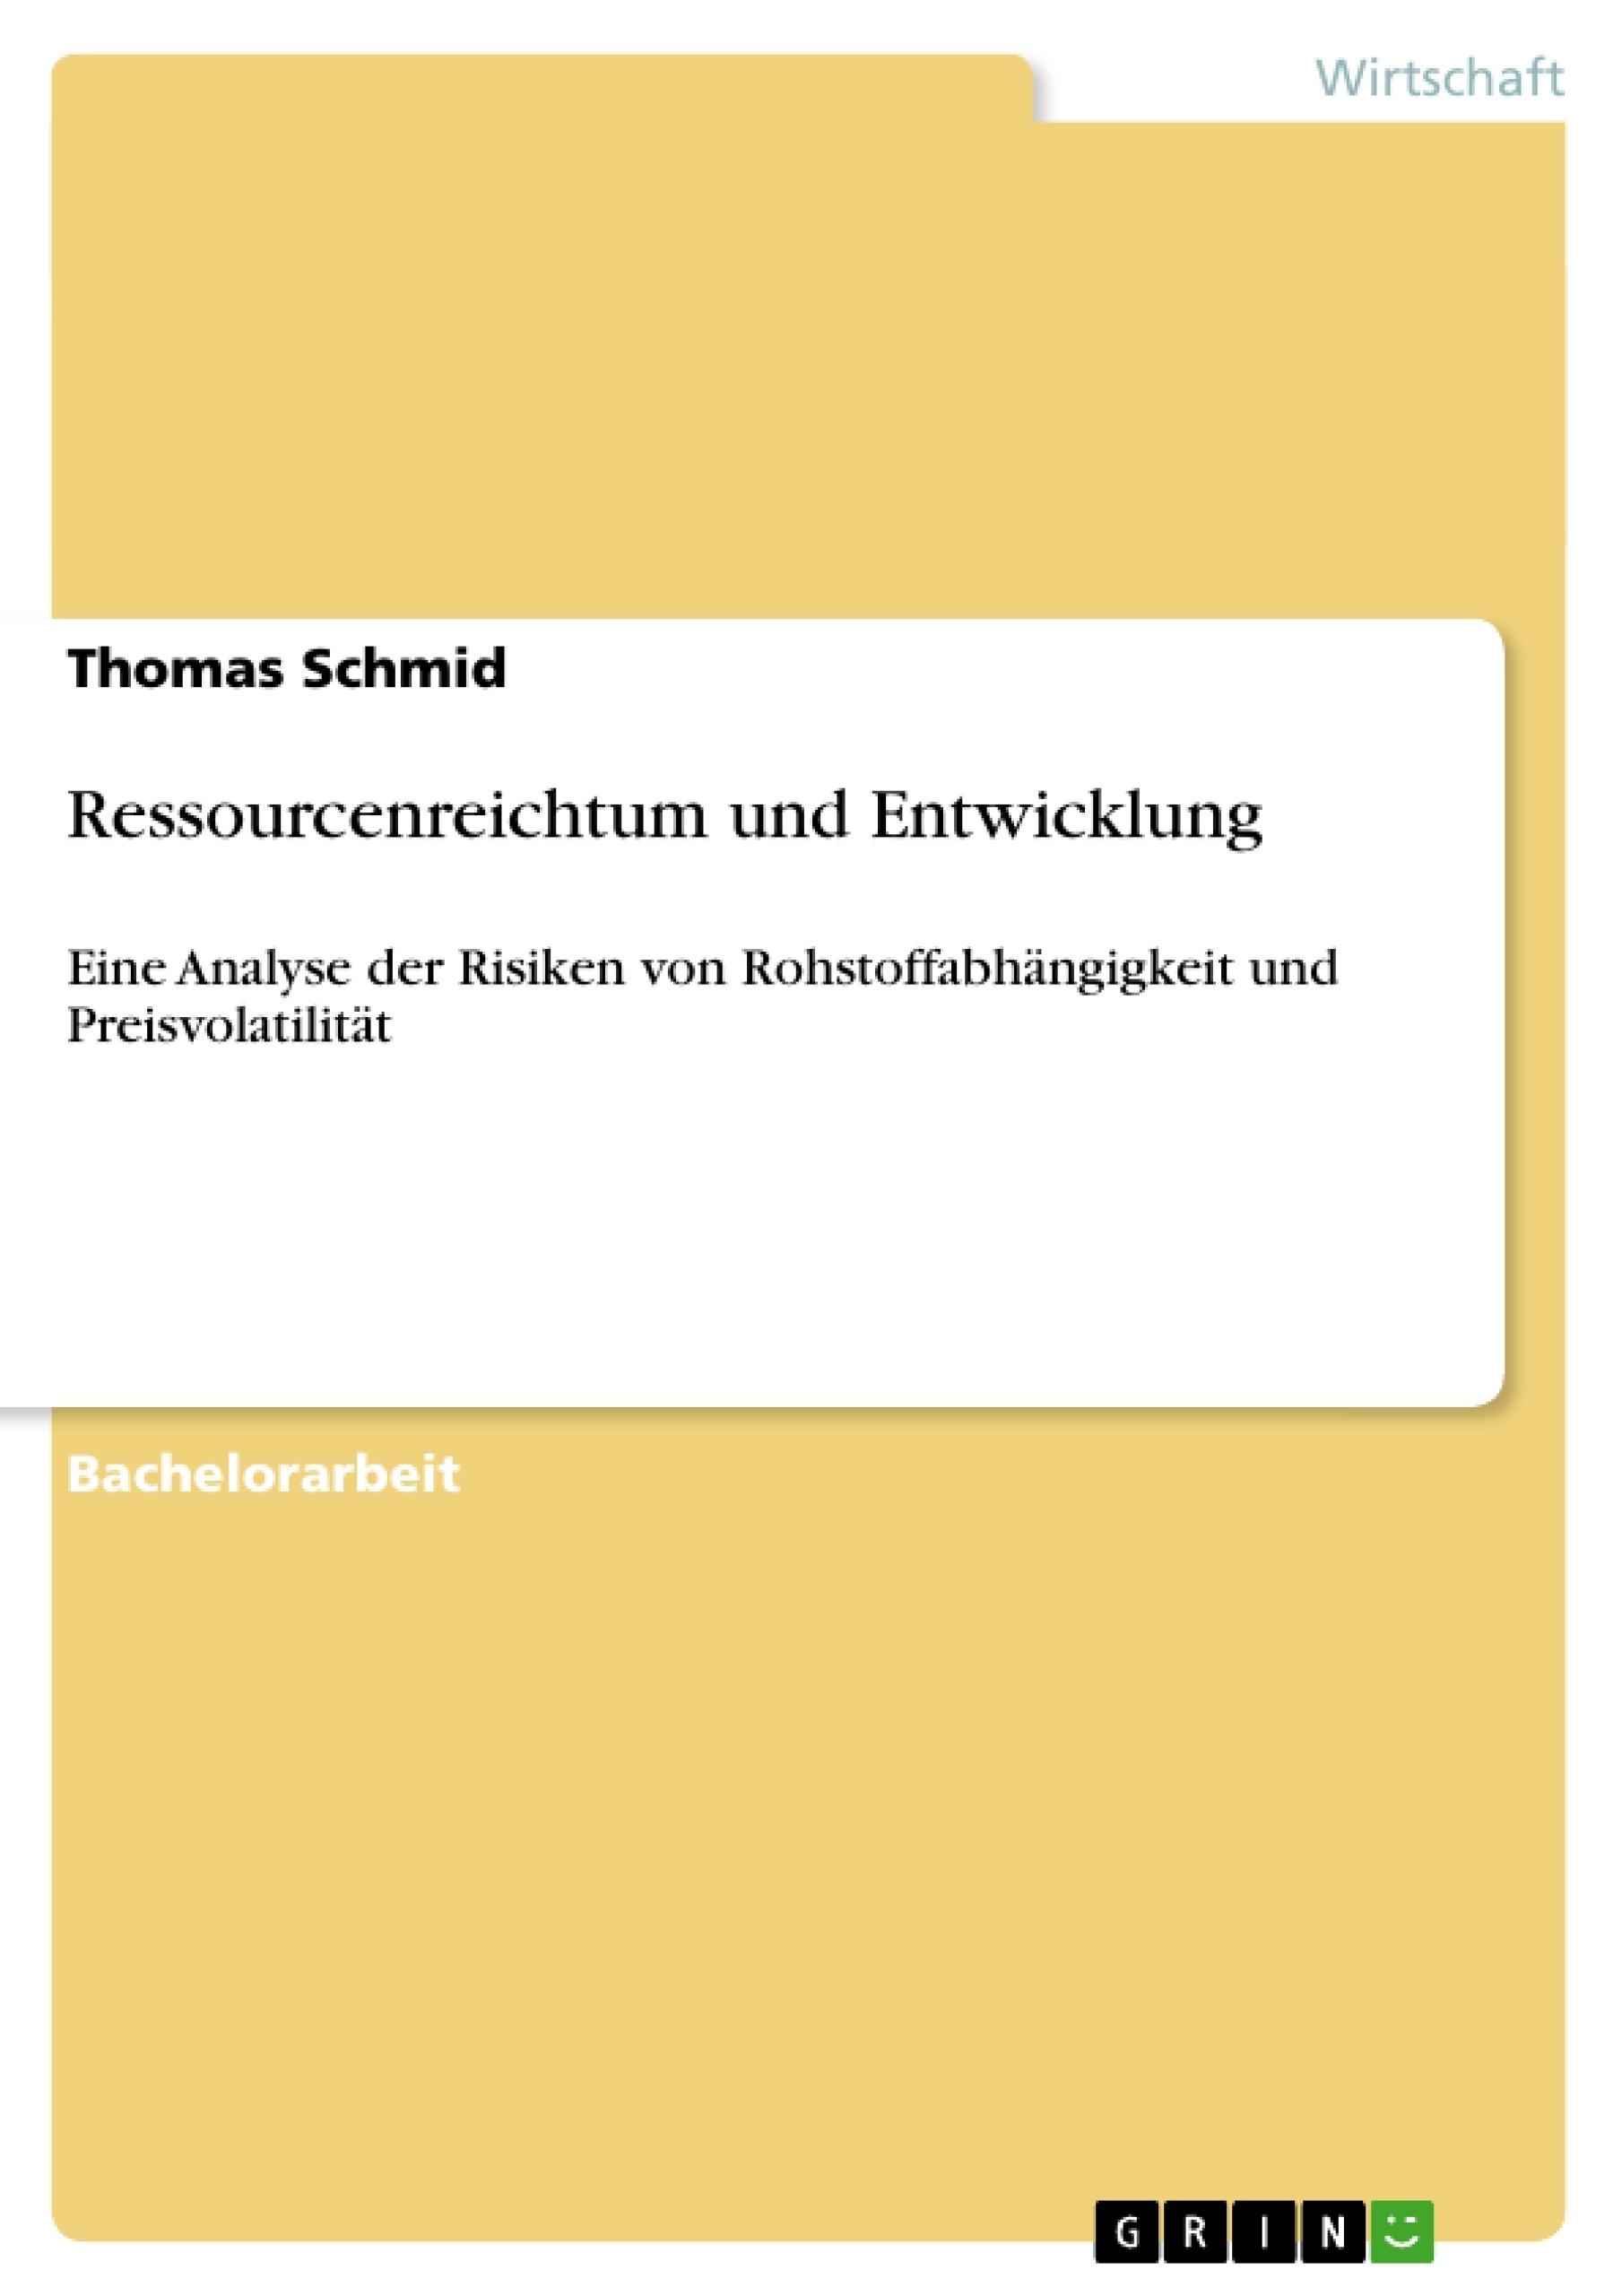 Titel: Ressourcenreichtum und Entwicklung